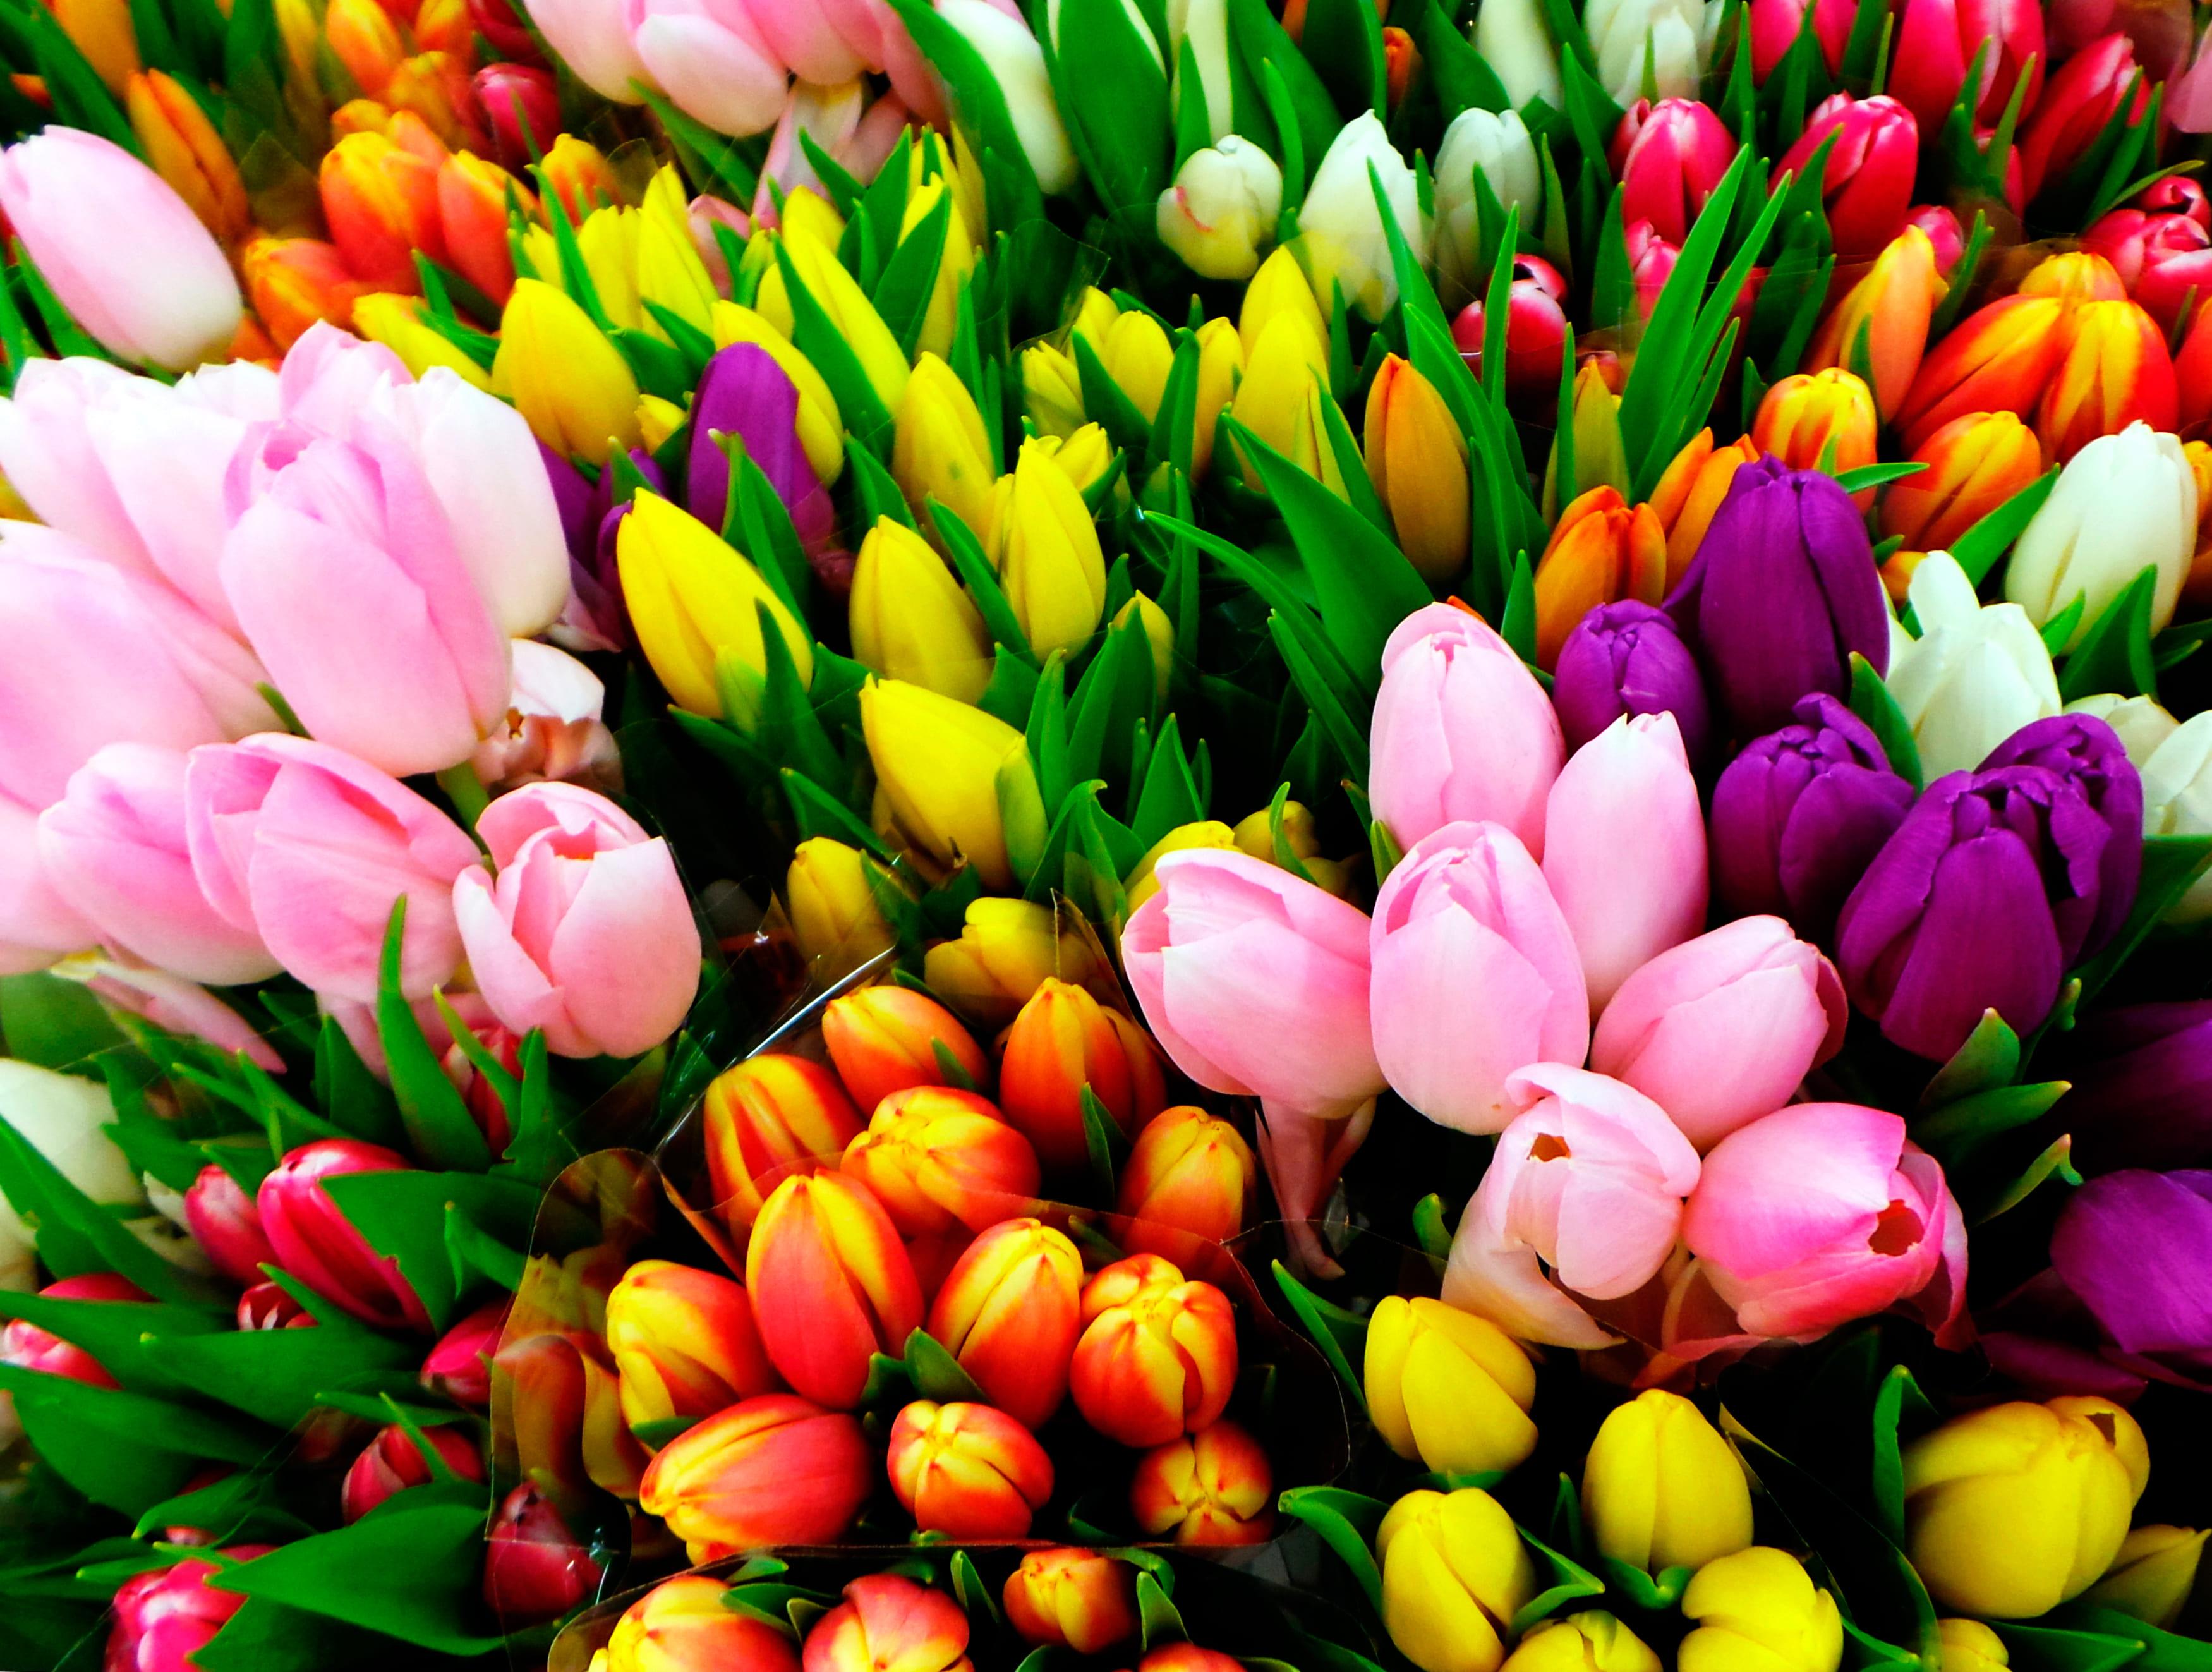 tulip-photo-31